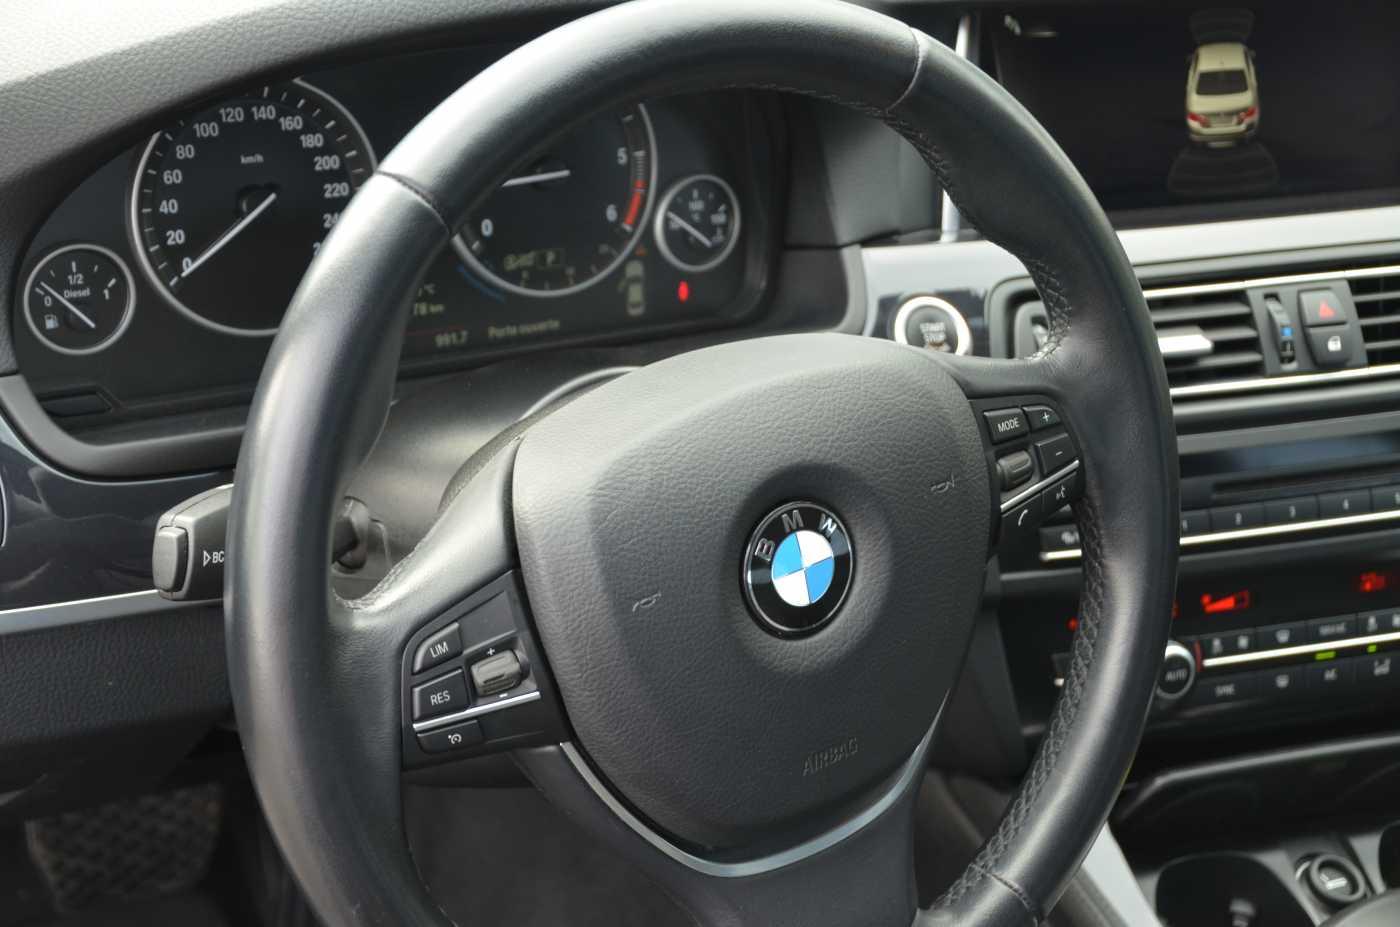 BMW 5 DIESEL - 2015 518 dA 9/12